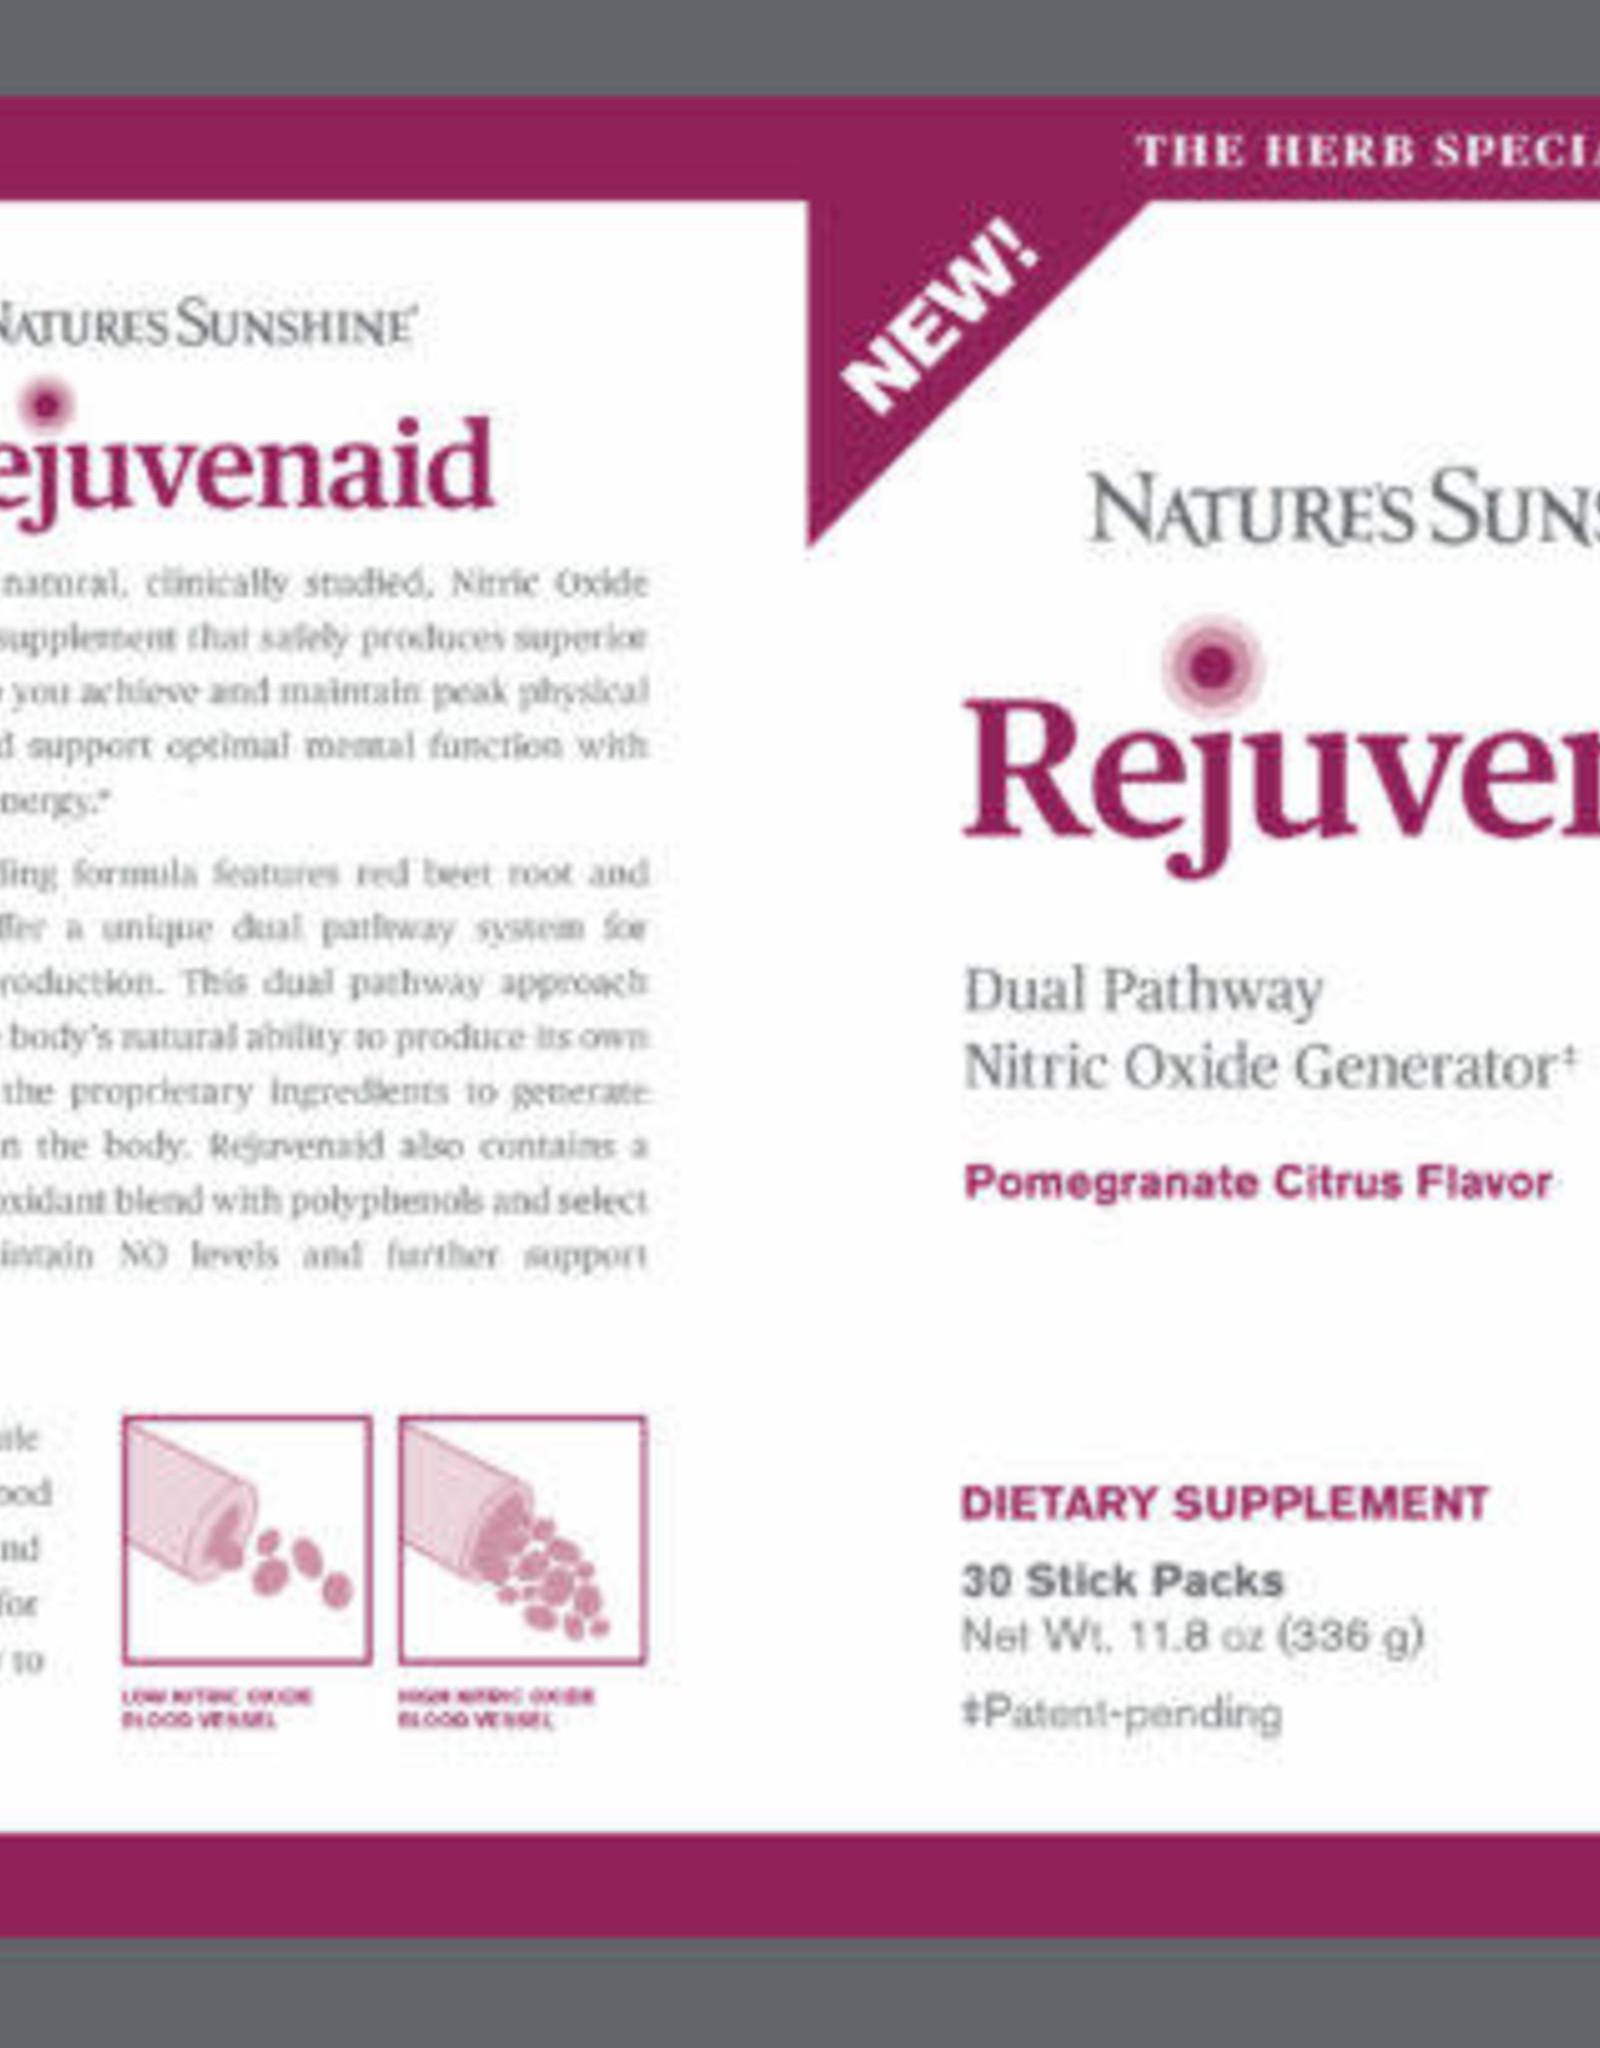 Nature's Sunshine Rejuvenaid (30 Stick Packs)